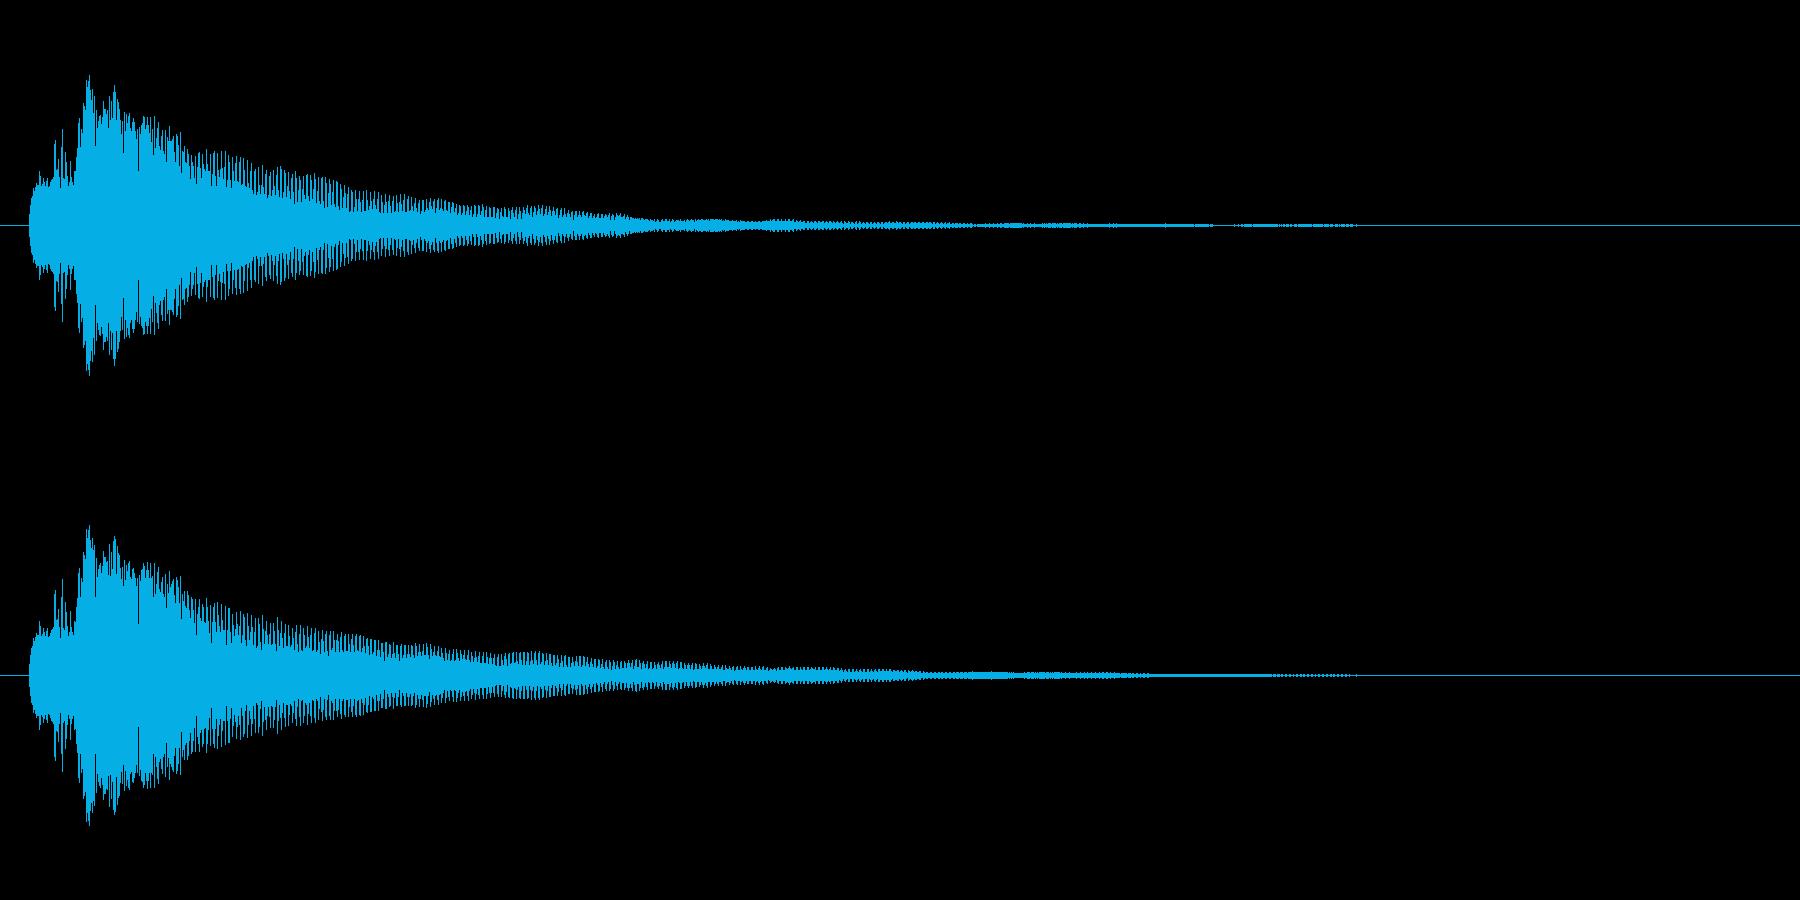 シンプルなボタン音4(タラン↑)の再生済みの波形